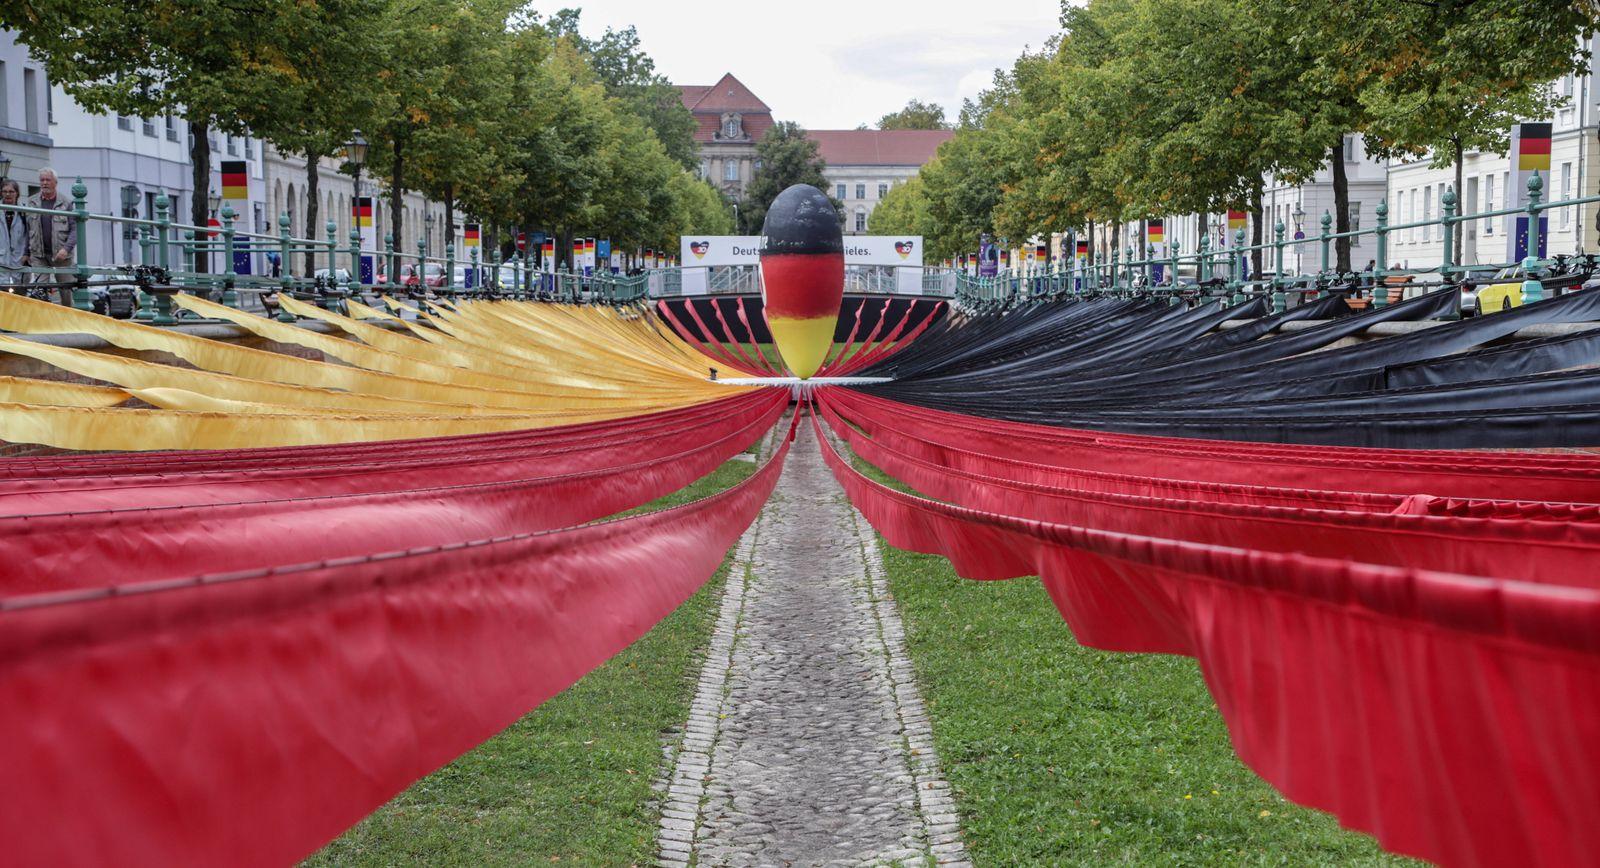 EinheitsEXPO 30. Jahrestag Deutsche Einheit Potsdam, 10.09.2020: EinheitsEXPO zum 30. Jahrestag der Deutschen Einheit. S